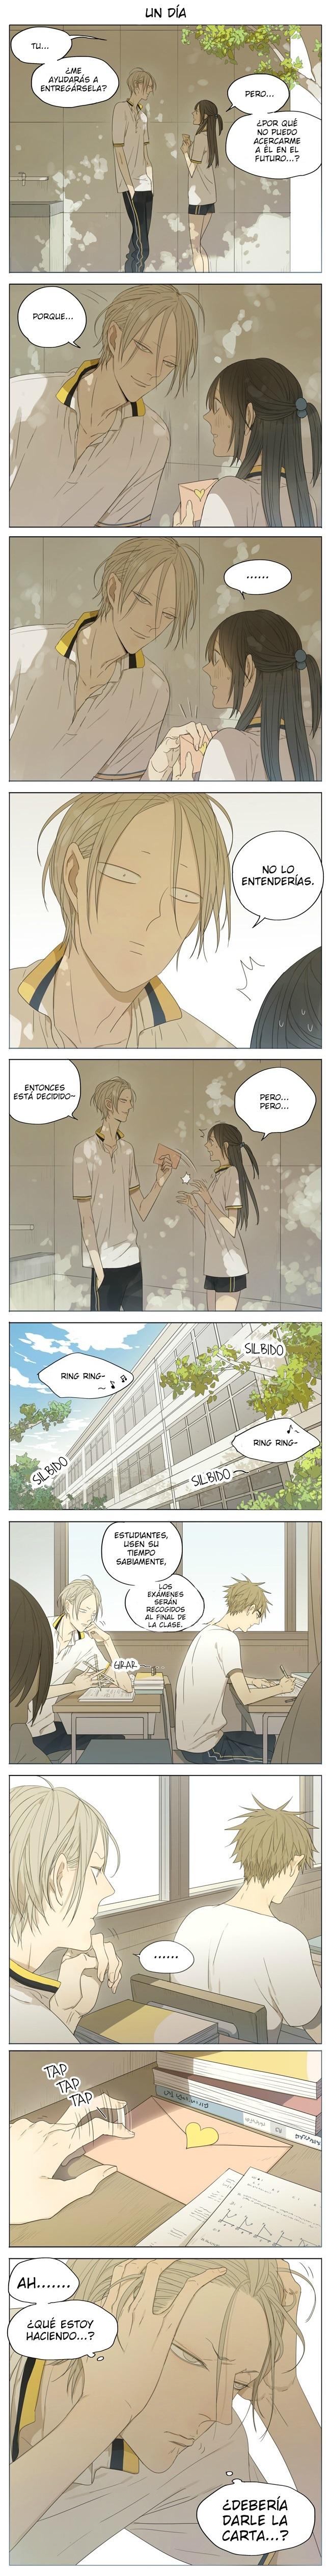 http://c5.ninemanga.com/es_manga/7/15943/392075/4b98bd8c67e1df2302abdc630681569c.jpg Page 2